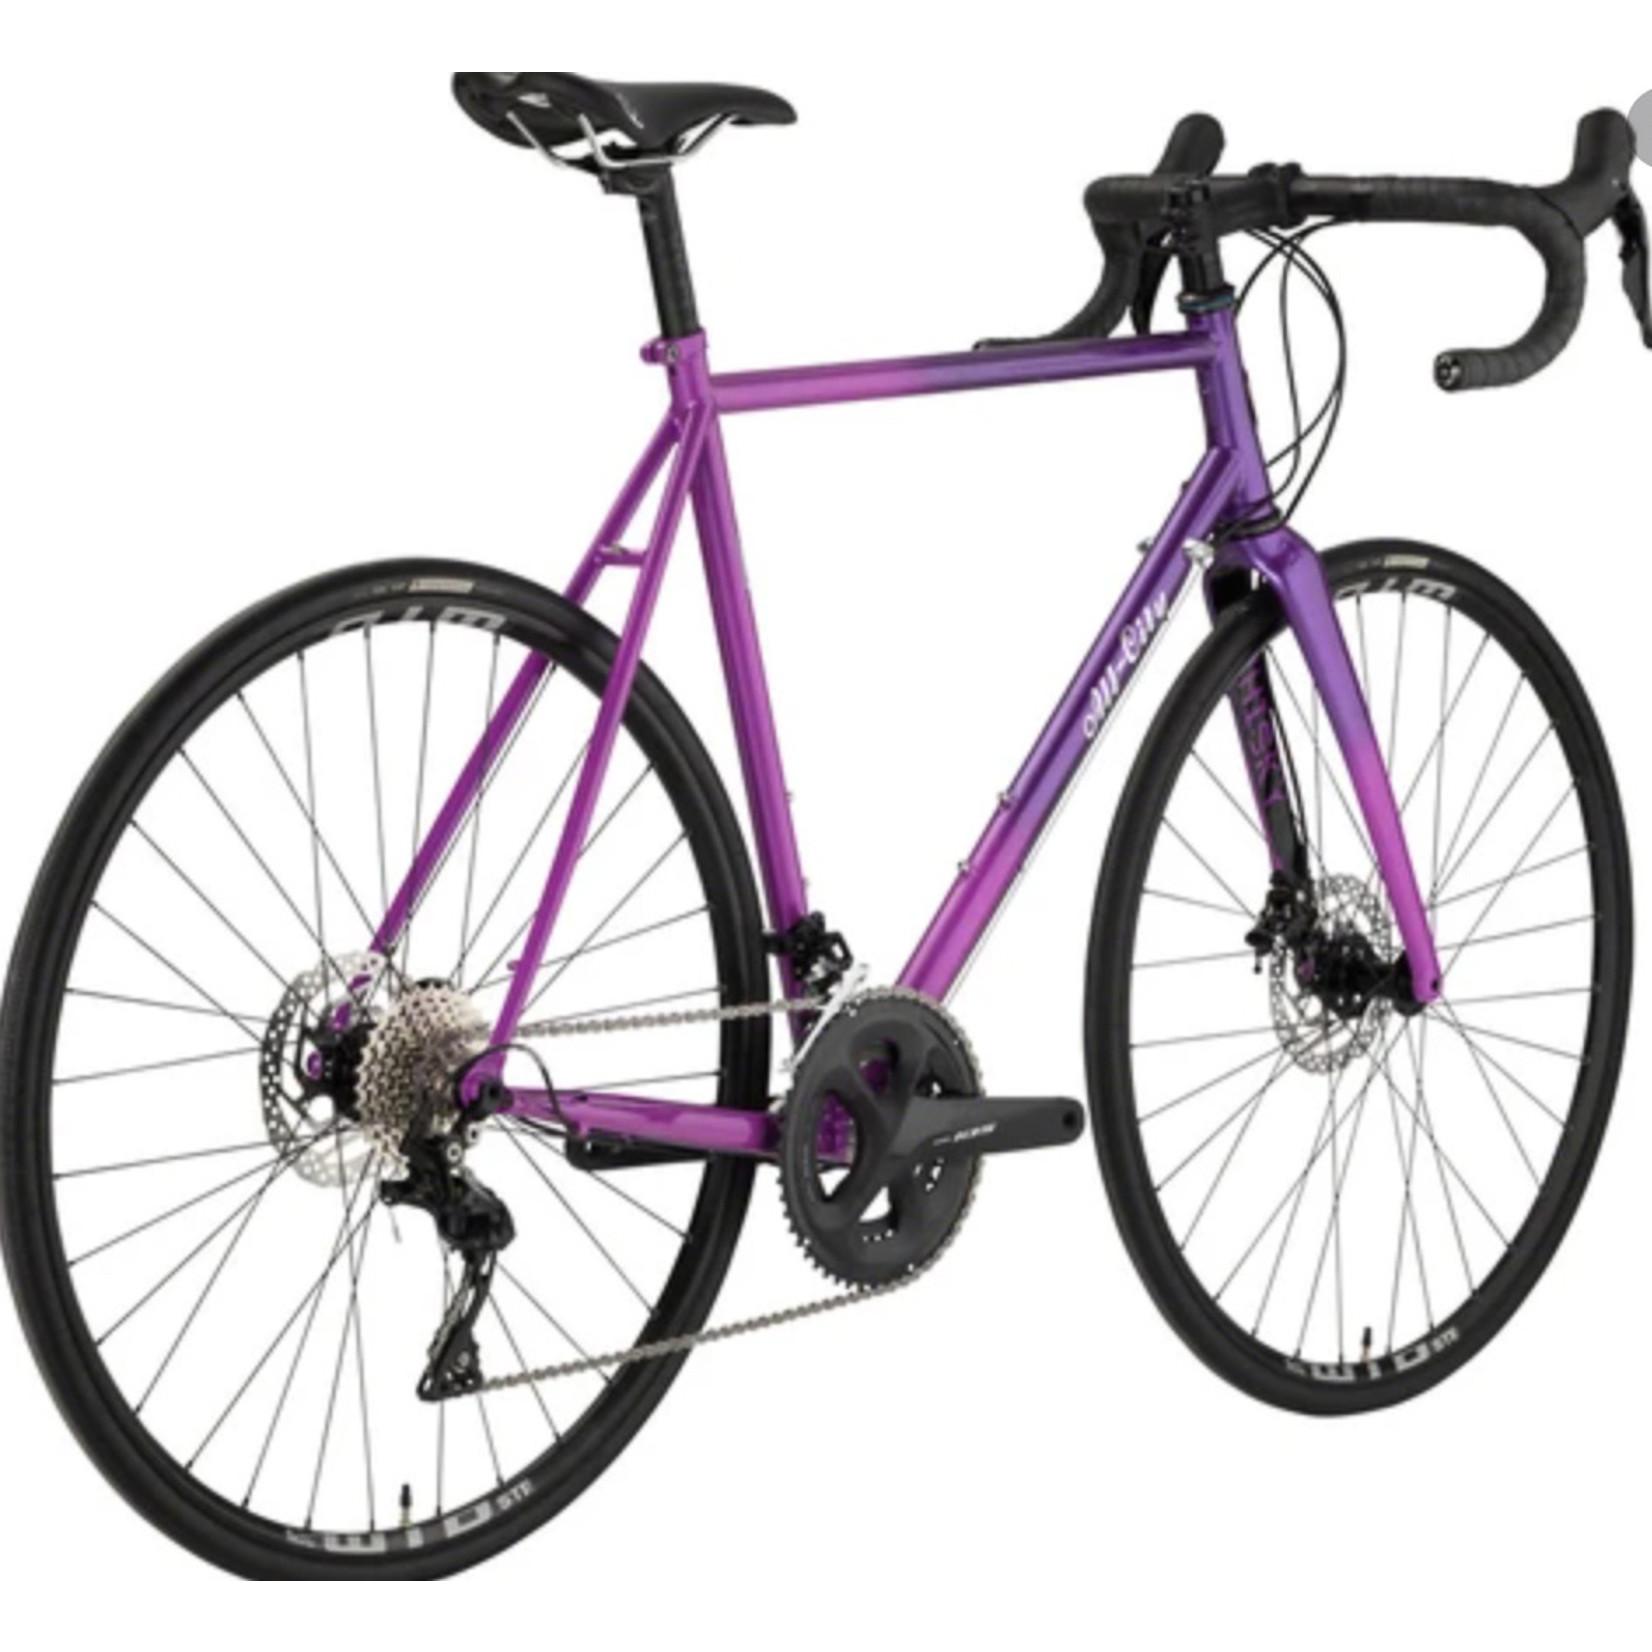 All-City All-City Zig Zag Purple Fade - Complete